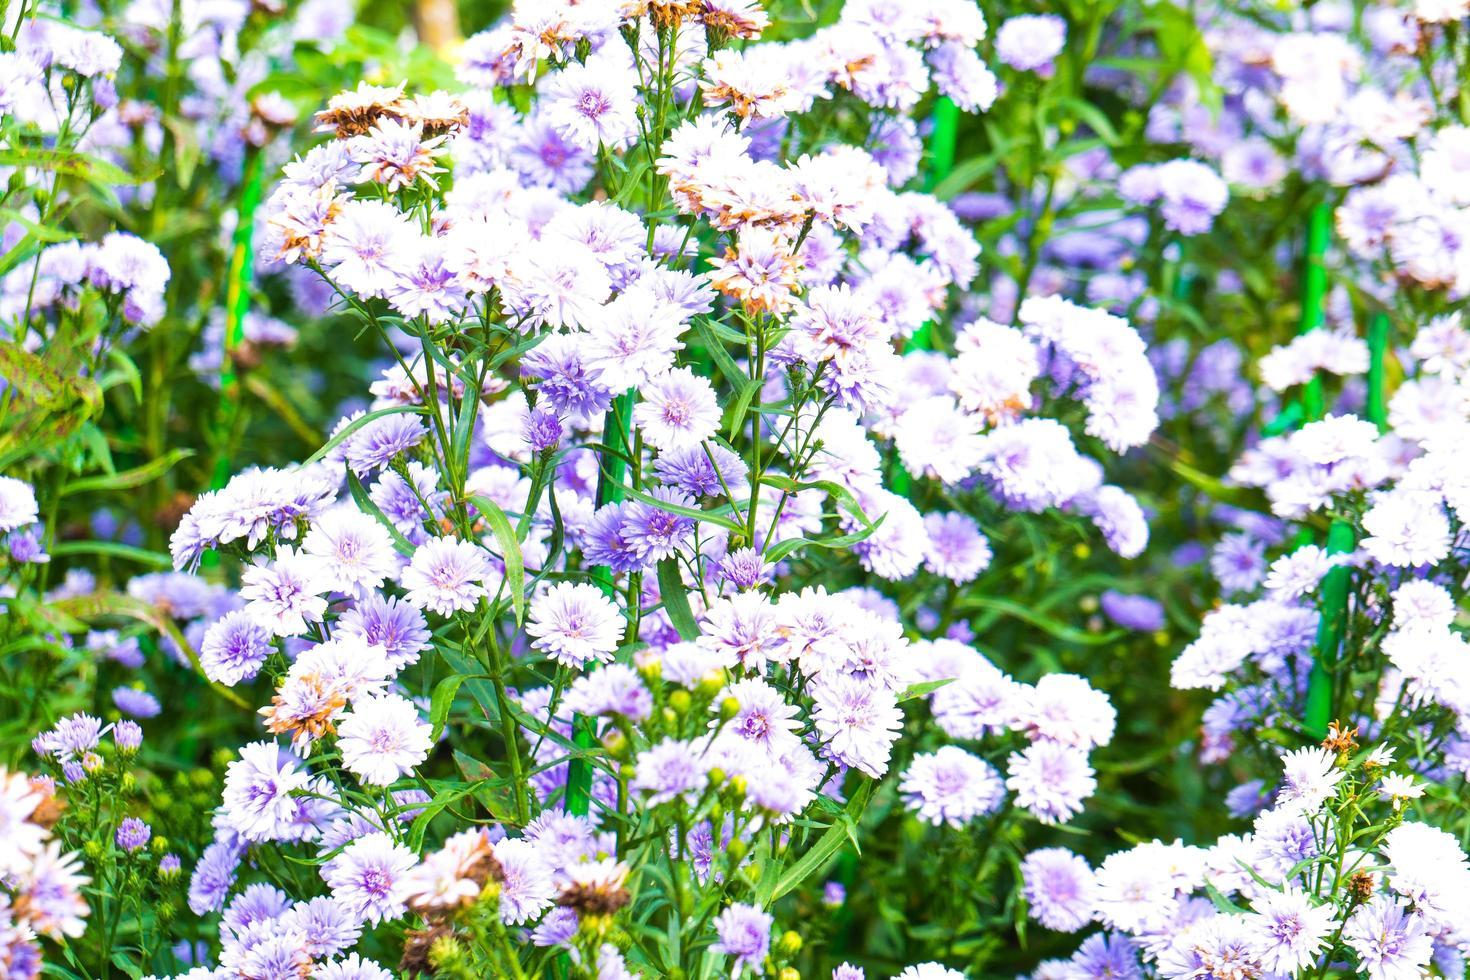 fiori bianchi e blu nel parco foto